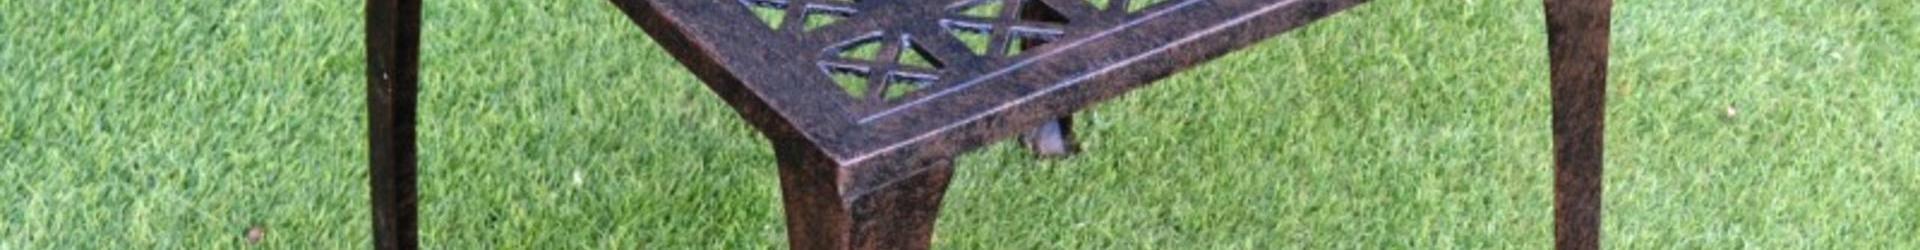 Almeria Cast Aluminium Side Table